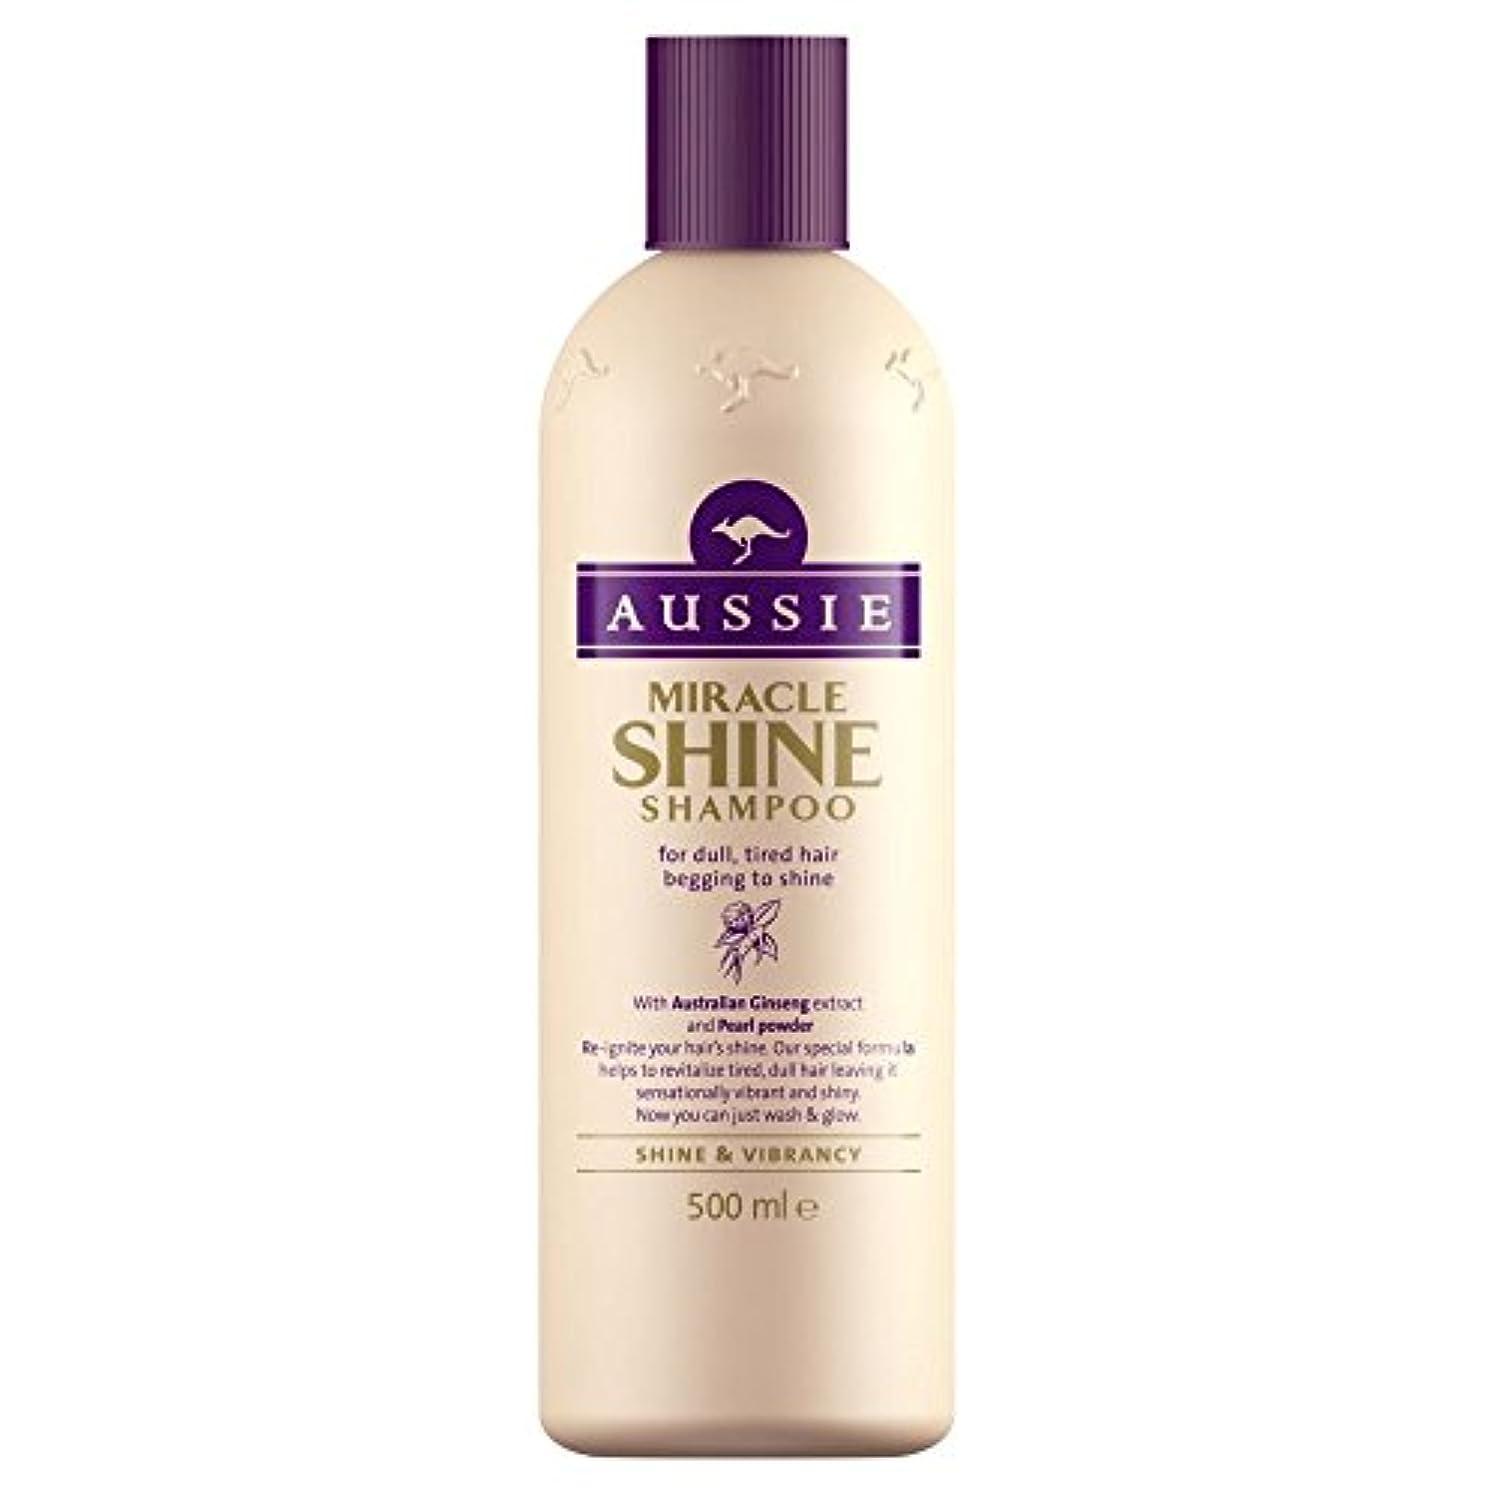 ベルベット脚本家日焼けAussie Miracle Shine Shampoo (500ml) オージー奇跡の輝きシャンプー( 500ミリリットル) [並行輸入品]